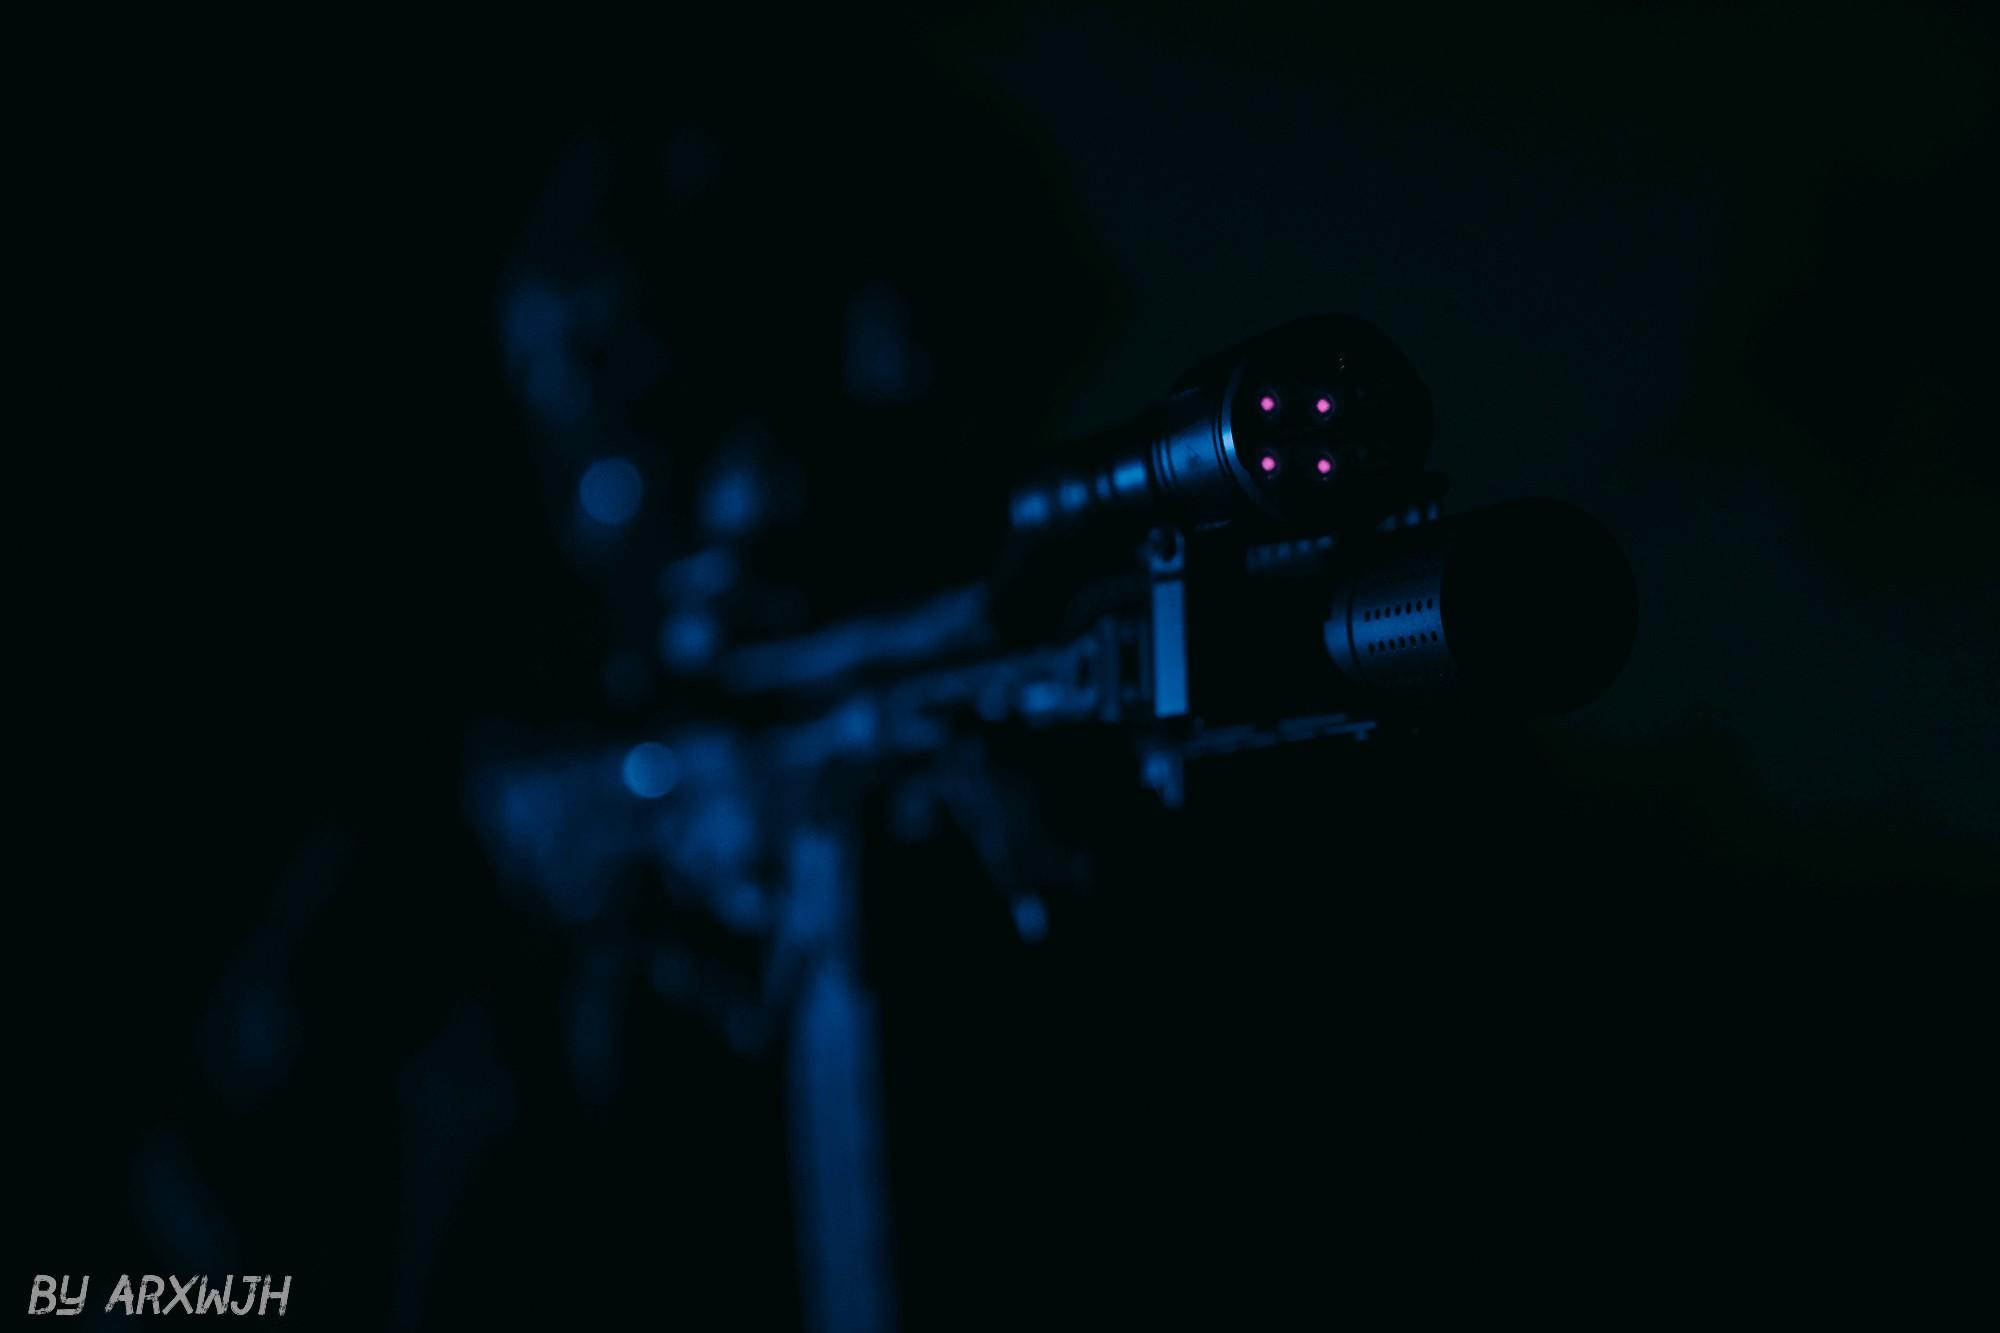 别人的黑夜,自己的白昼 —— NITECORE-CI7-变色龙-双光源手电